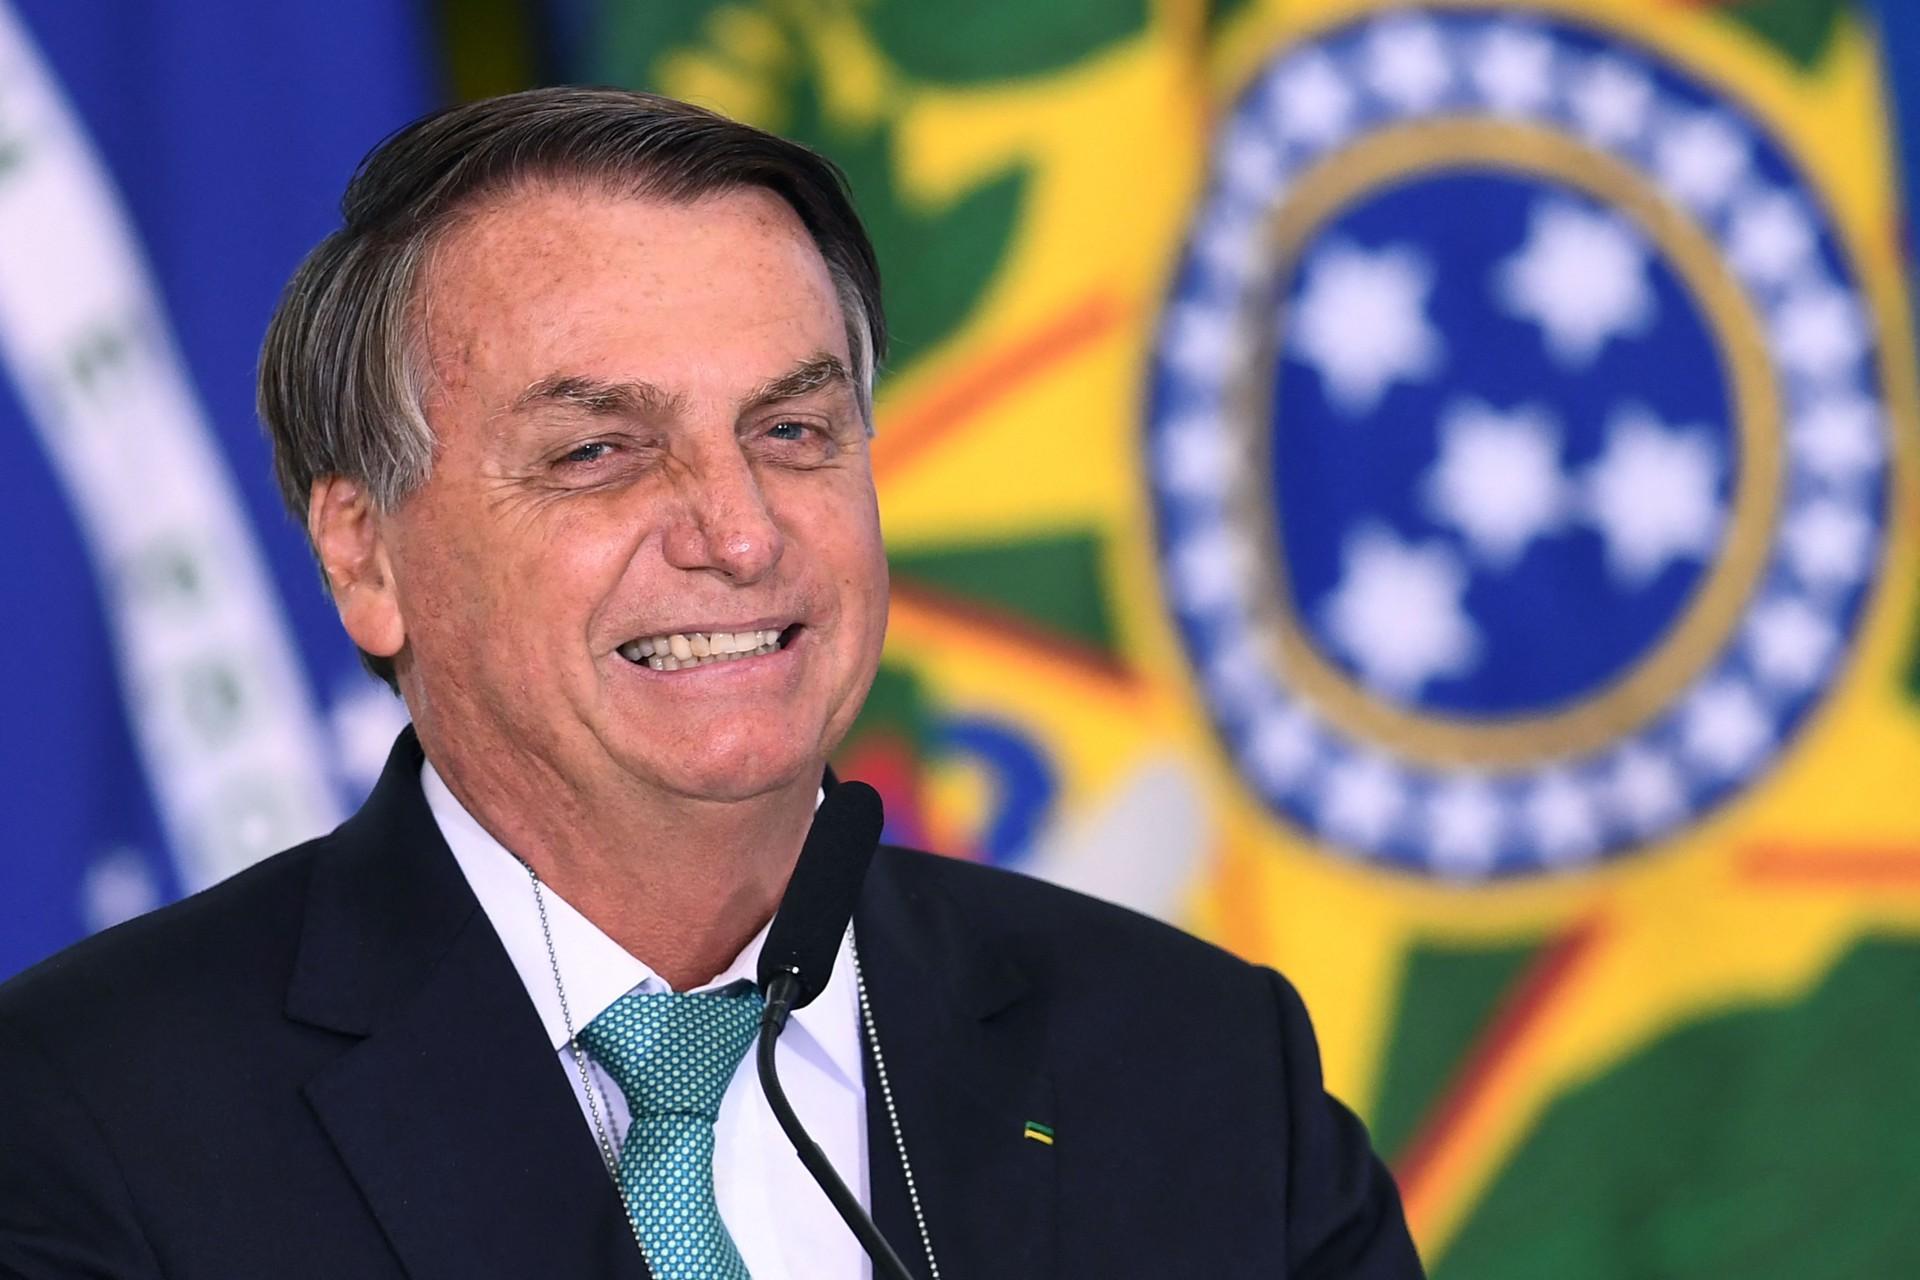 Bolsonaro estuda acabar com abono salarial Pis/Pasep para viabilizar pagamento do Bolsa Família de R$ 300, retirando verbas de um benefício social para outro